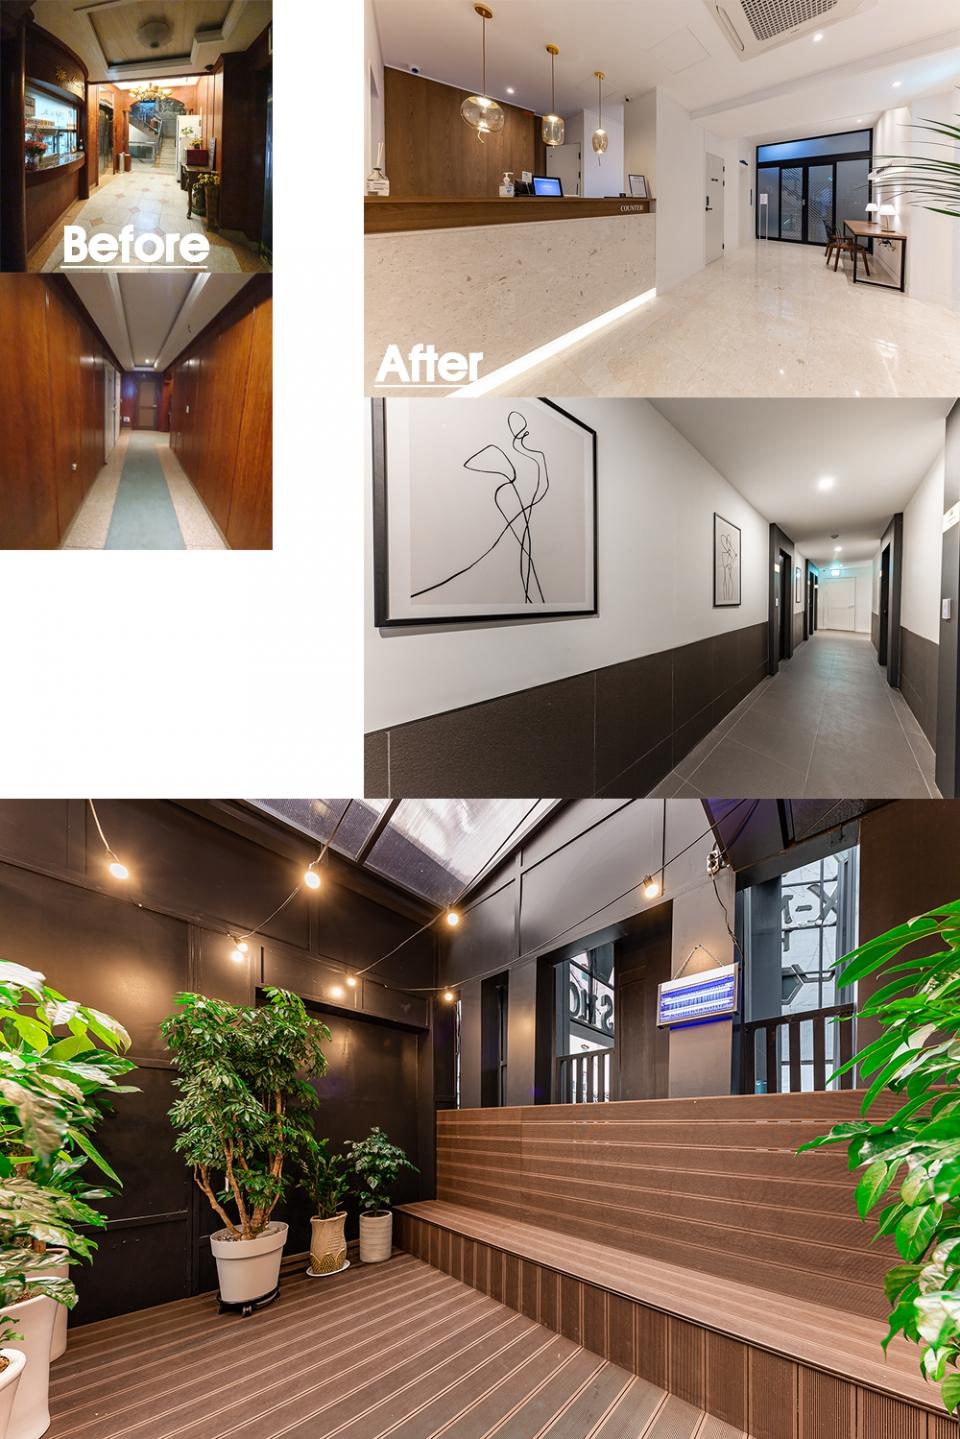 ▲ 넓음 공간감과 트렌디한 감각이 인상적인 로비, 편의공간, 복도